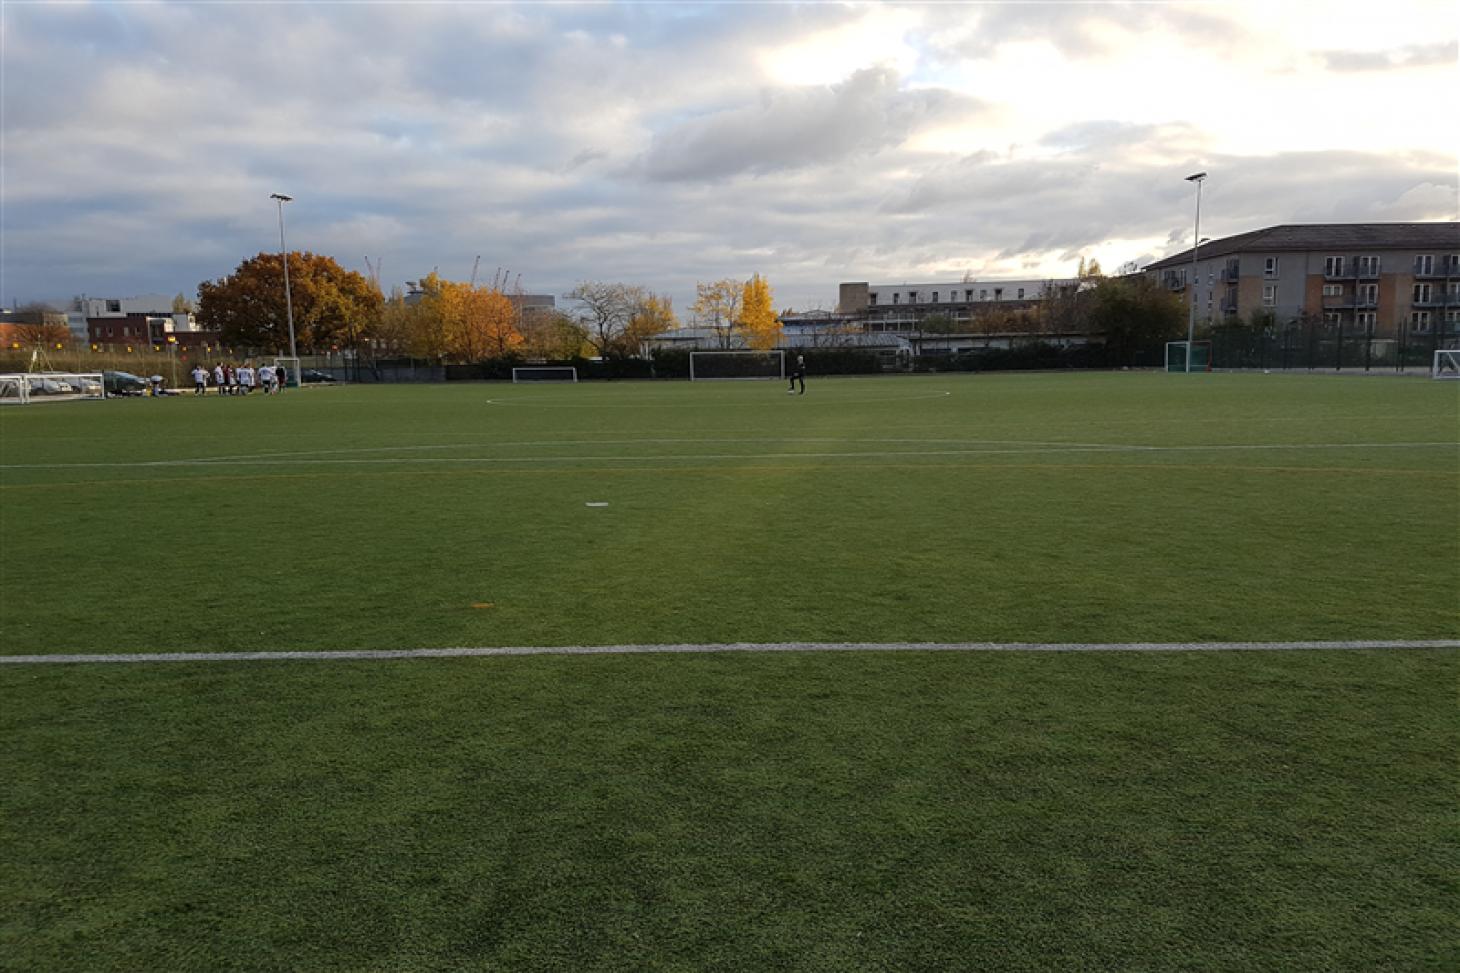 Ark Burlington Danes Academy 11 a side | 3G Astroturf football pitch